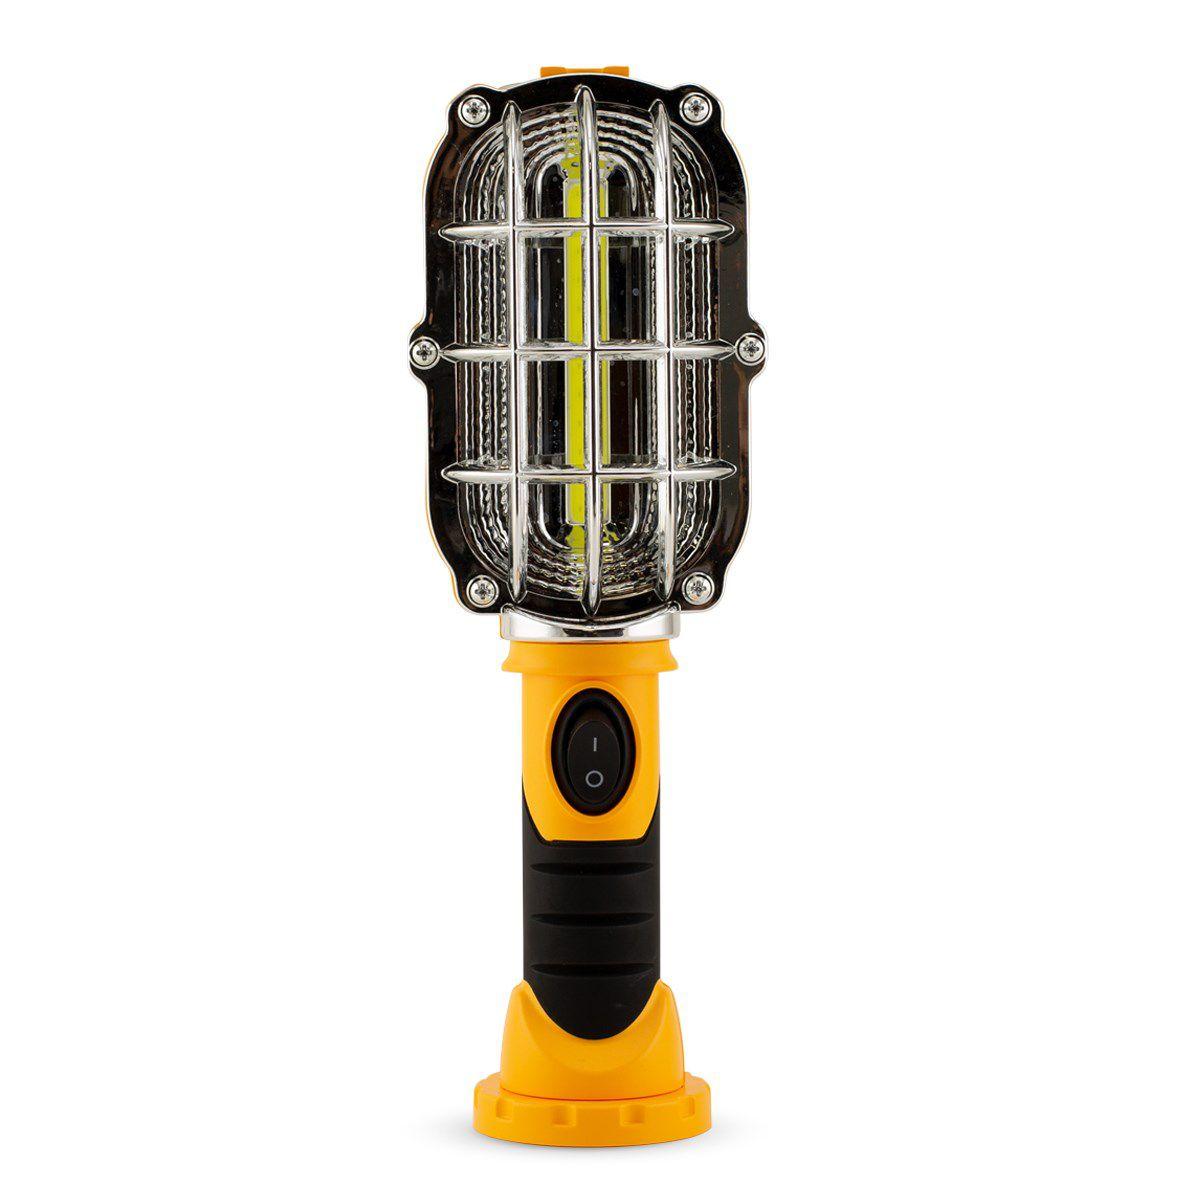 Lanterna Emergencia Mecanico Veicular Luminaria Led Carro Portatil